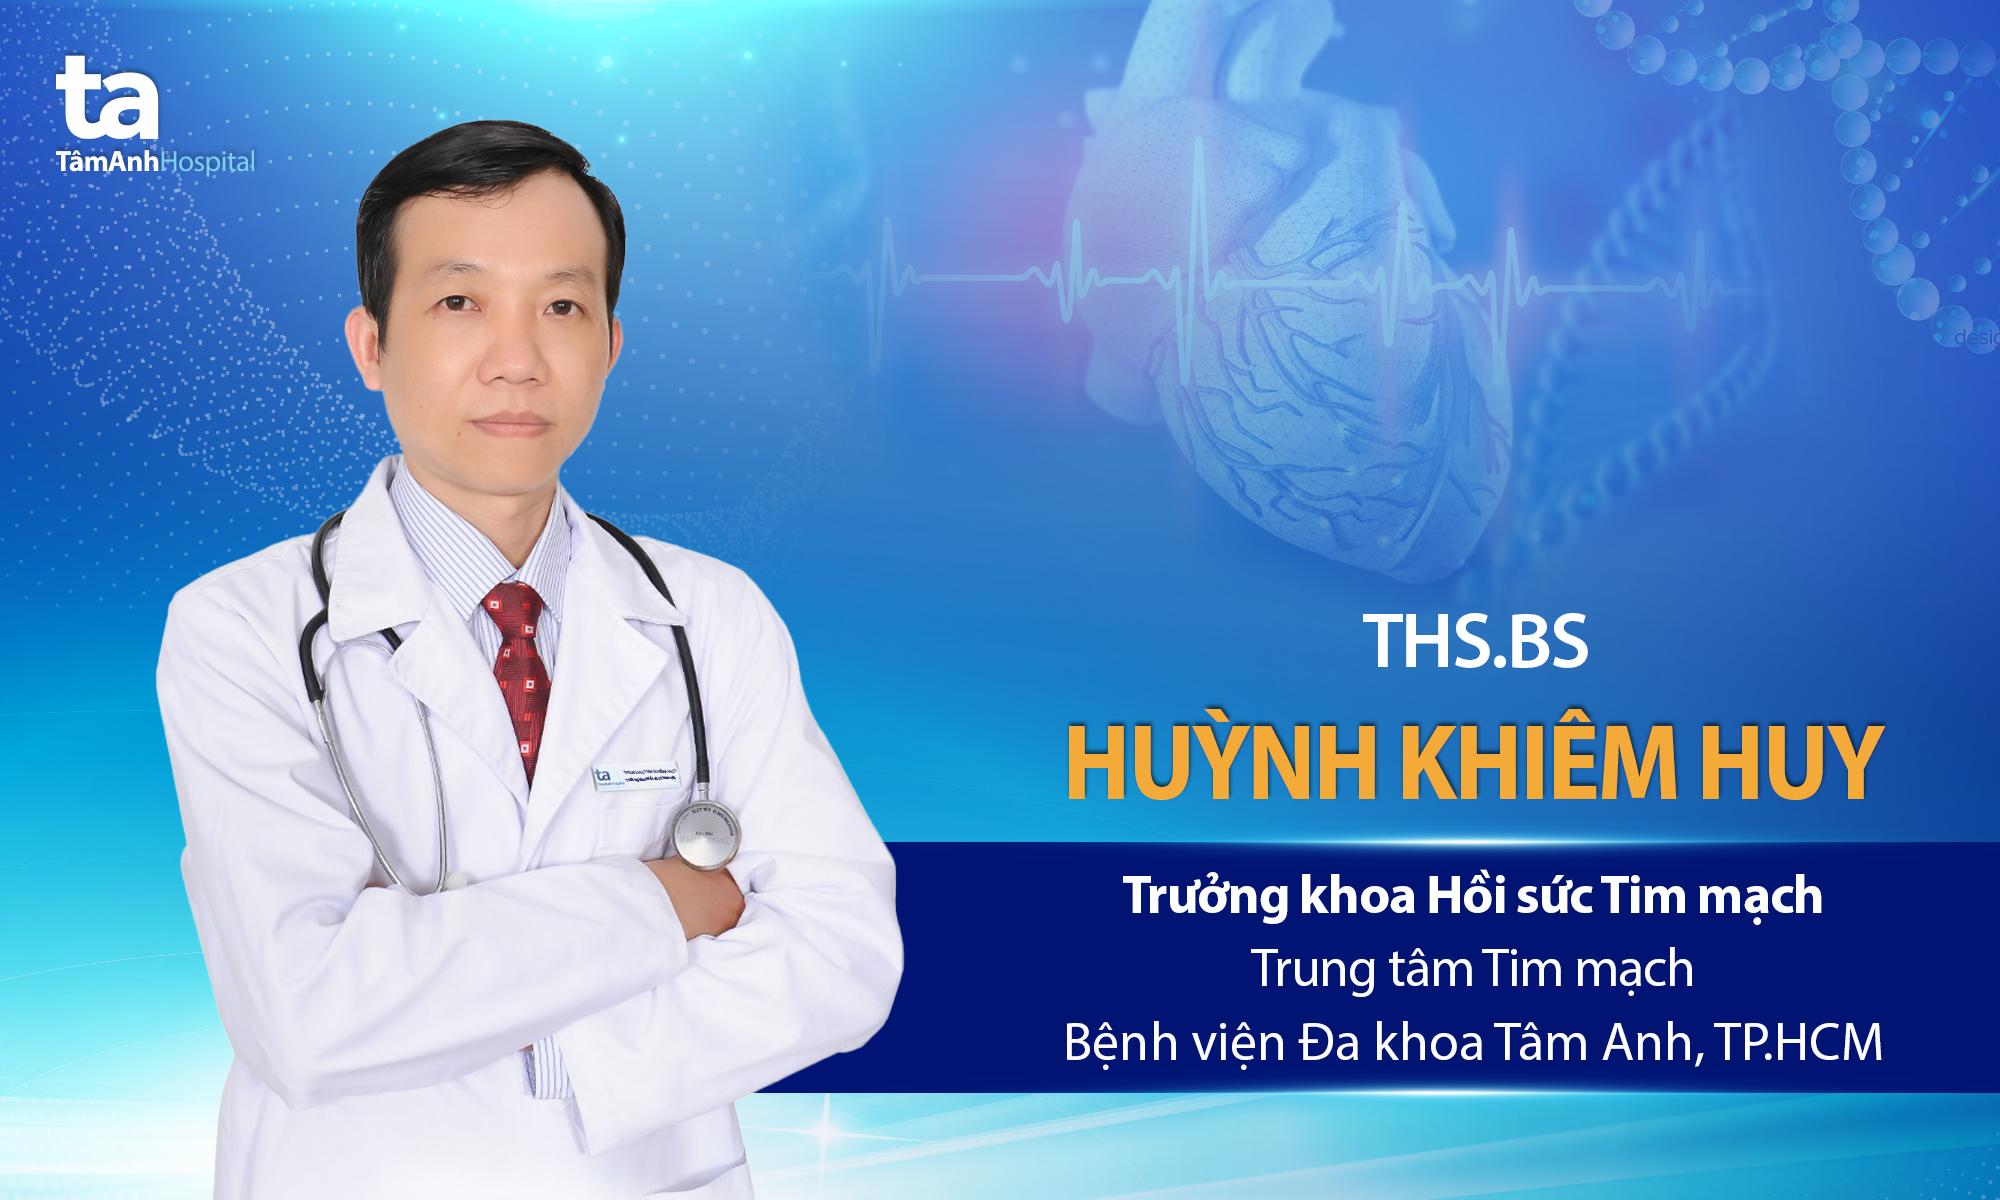 ThS.BS Huỳnh Khiêm Huy